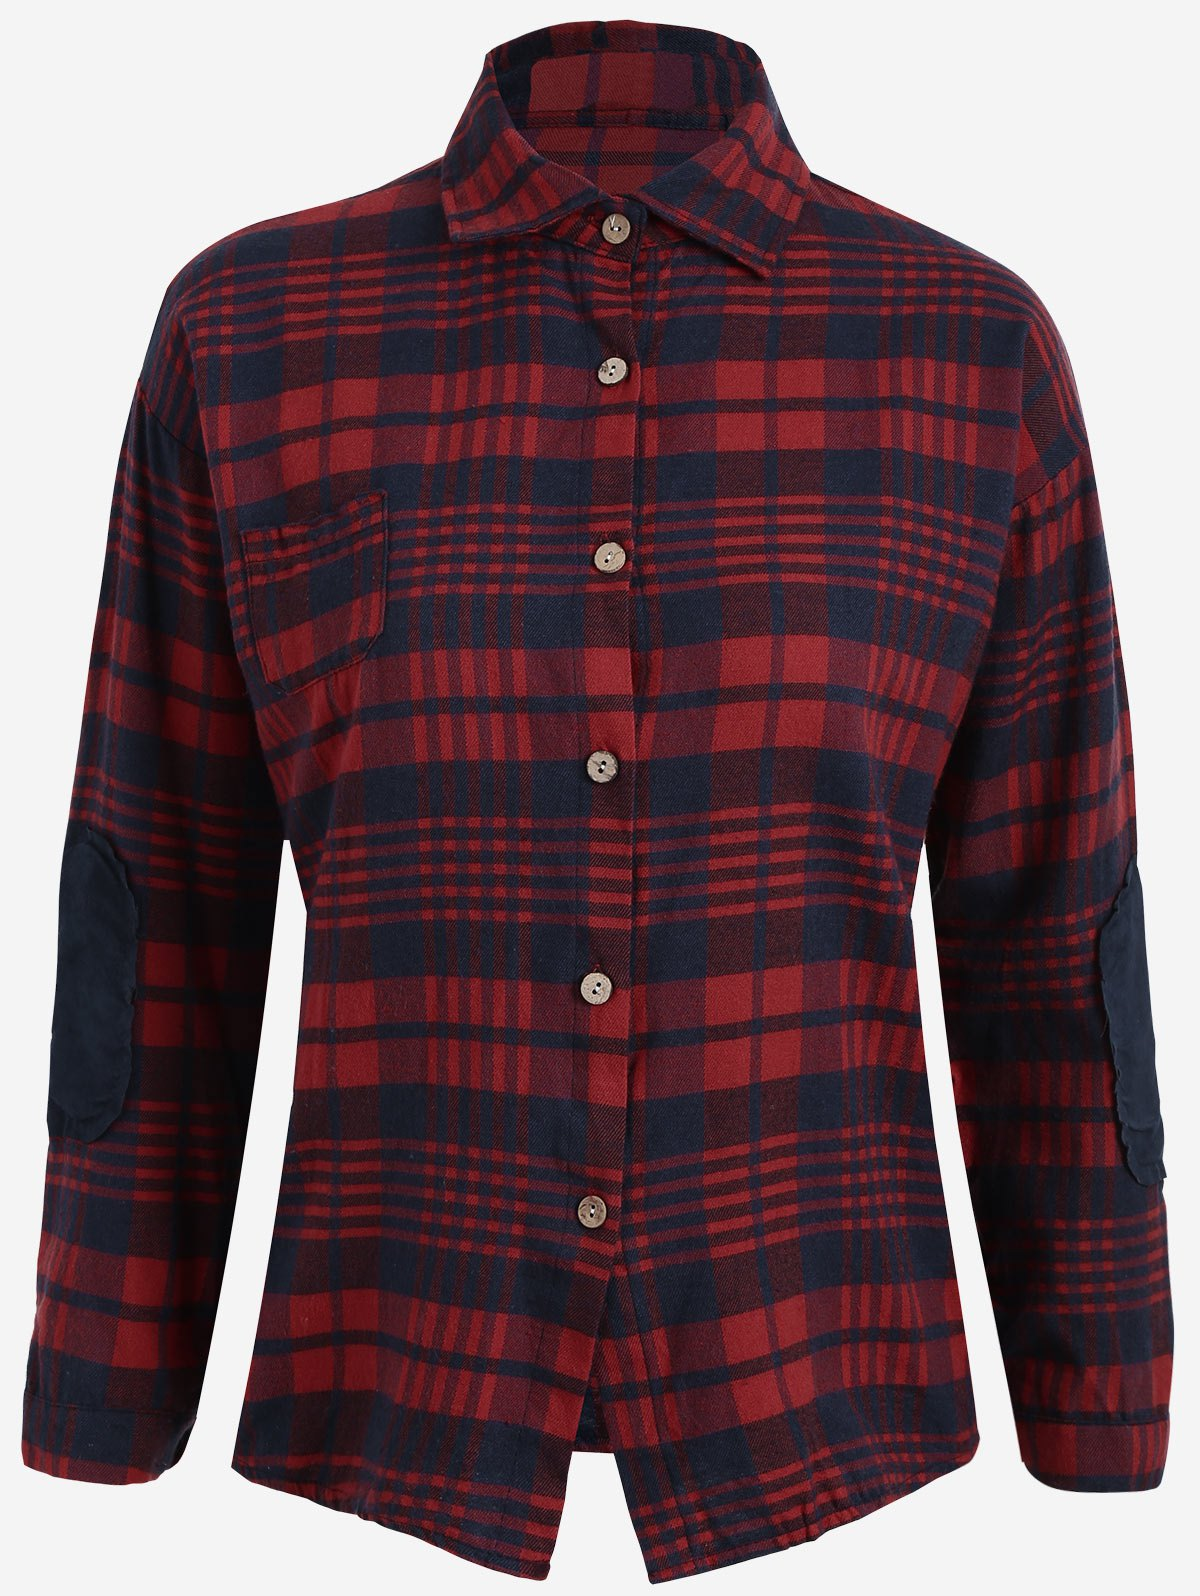 Image of Tartan Plus Size Shirt